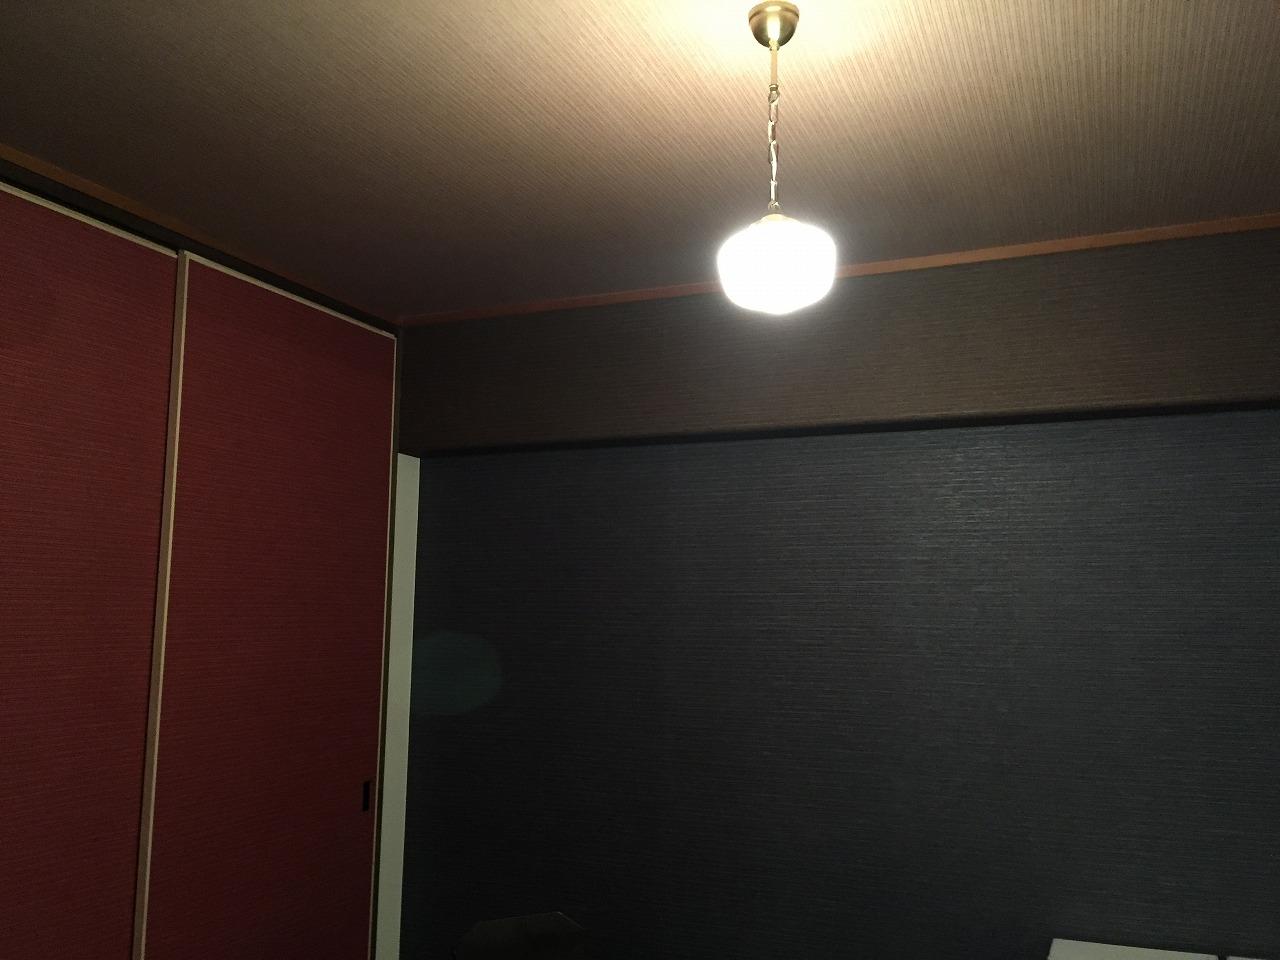 壁紙 木絹クロス Sa012 Okuta リフォーム マンション